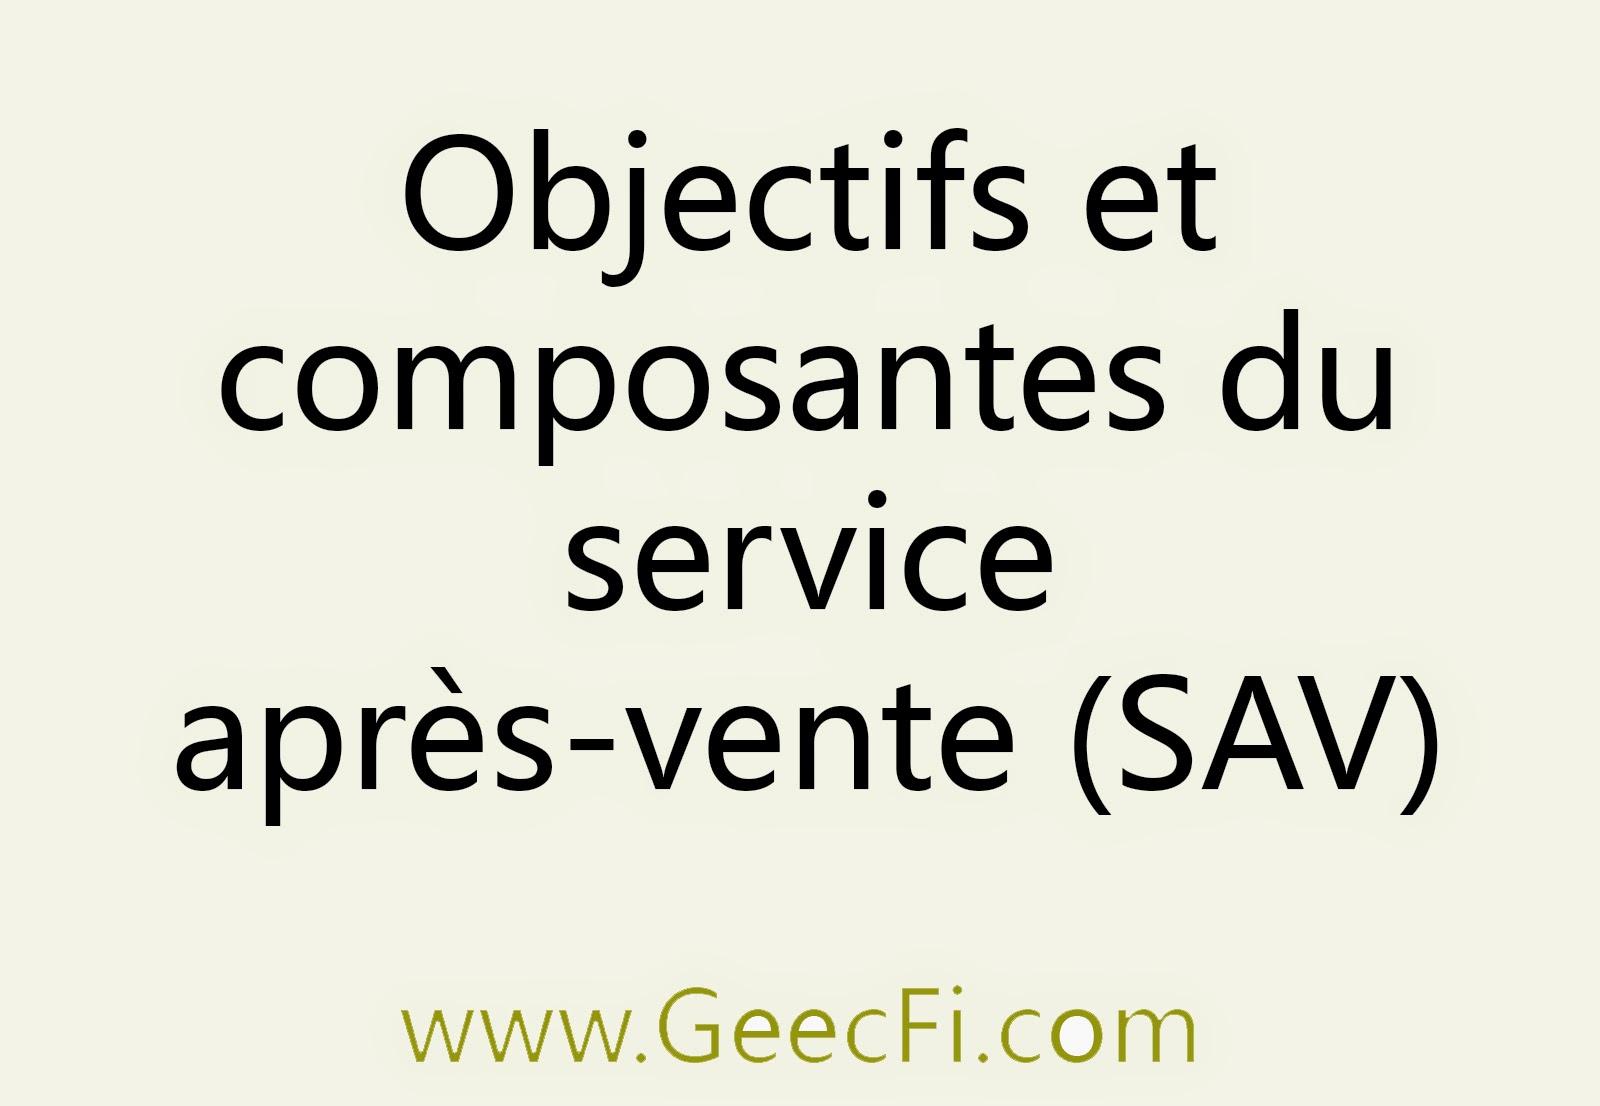 Objectifs et composantes du service après-vente (SAV)